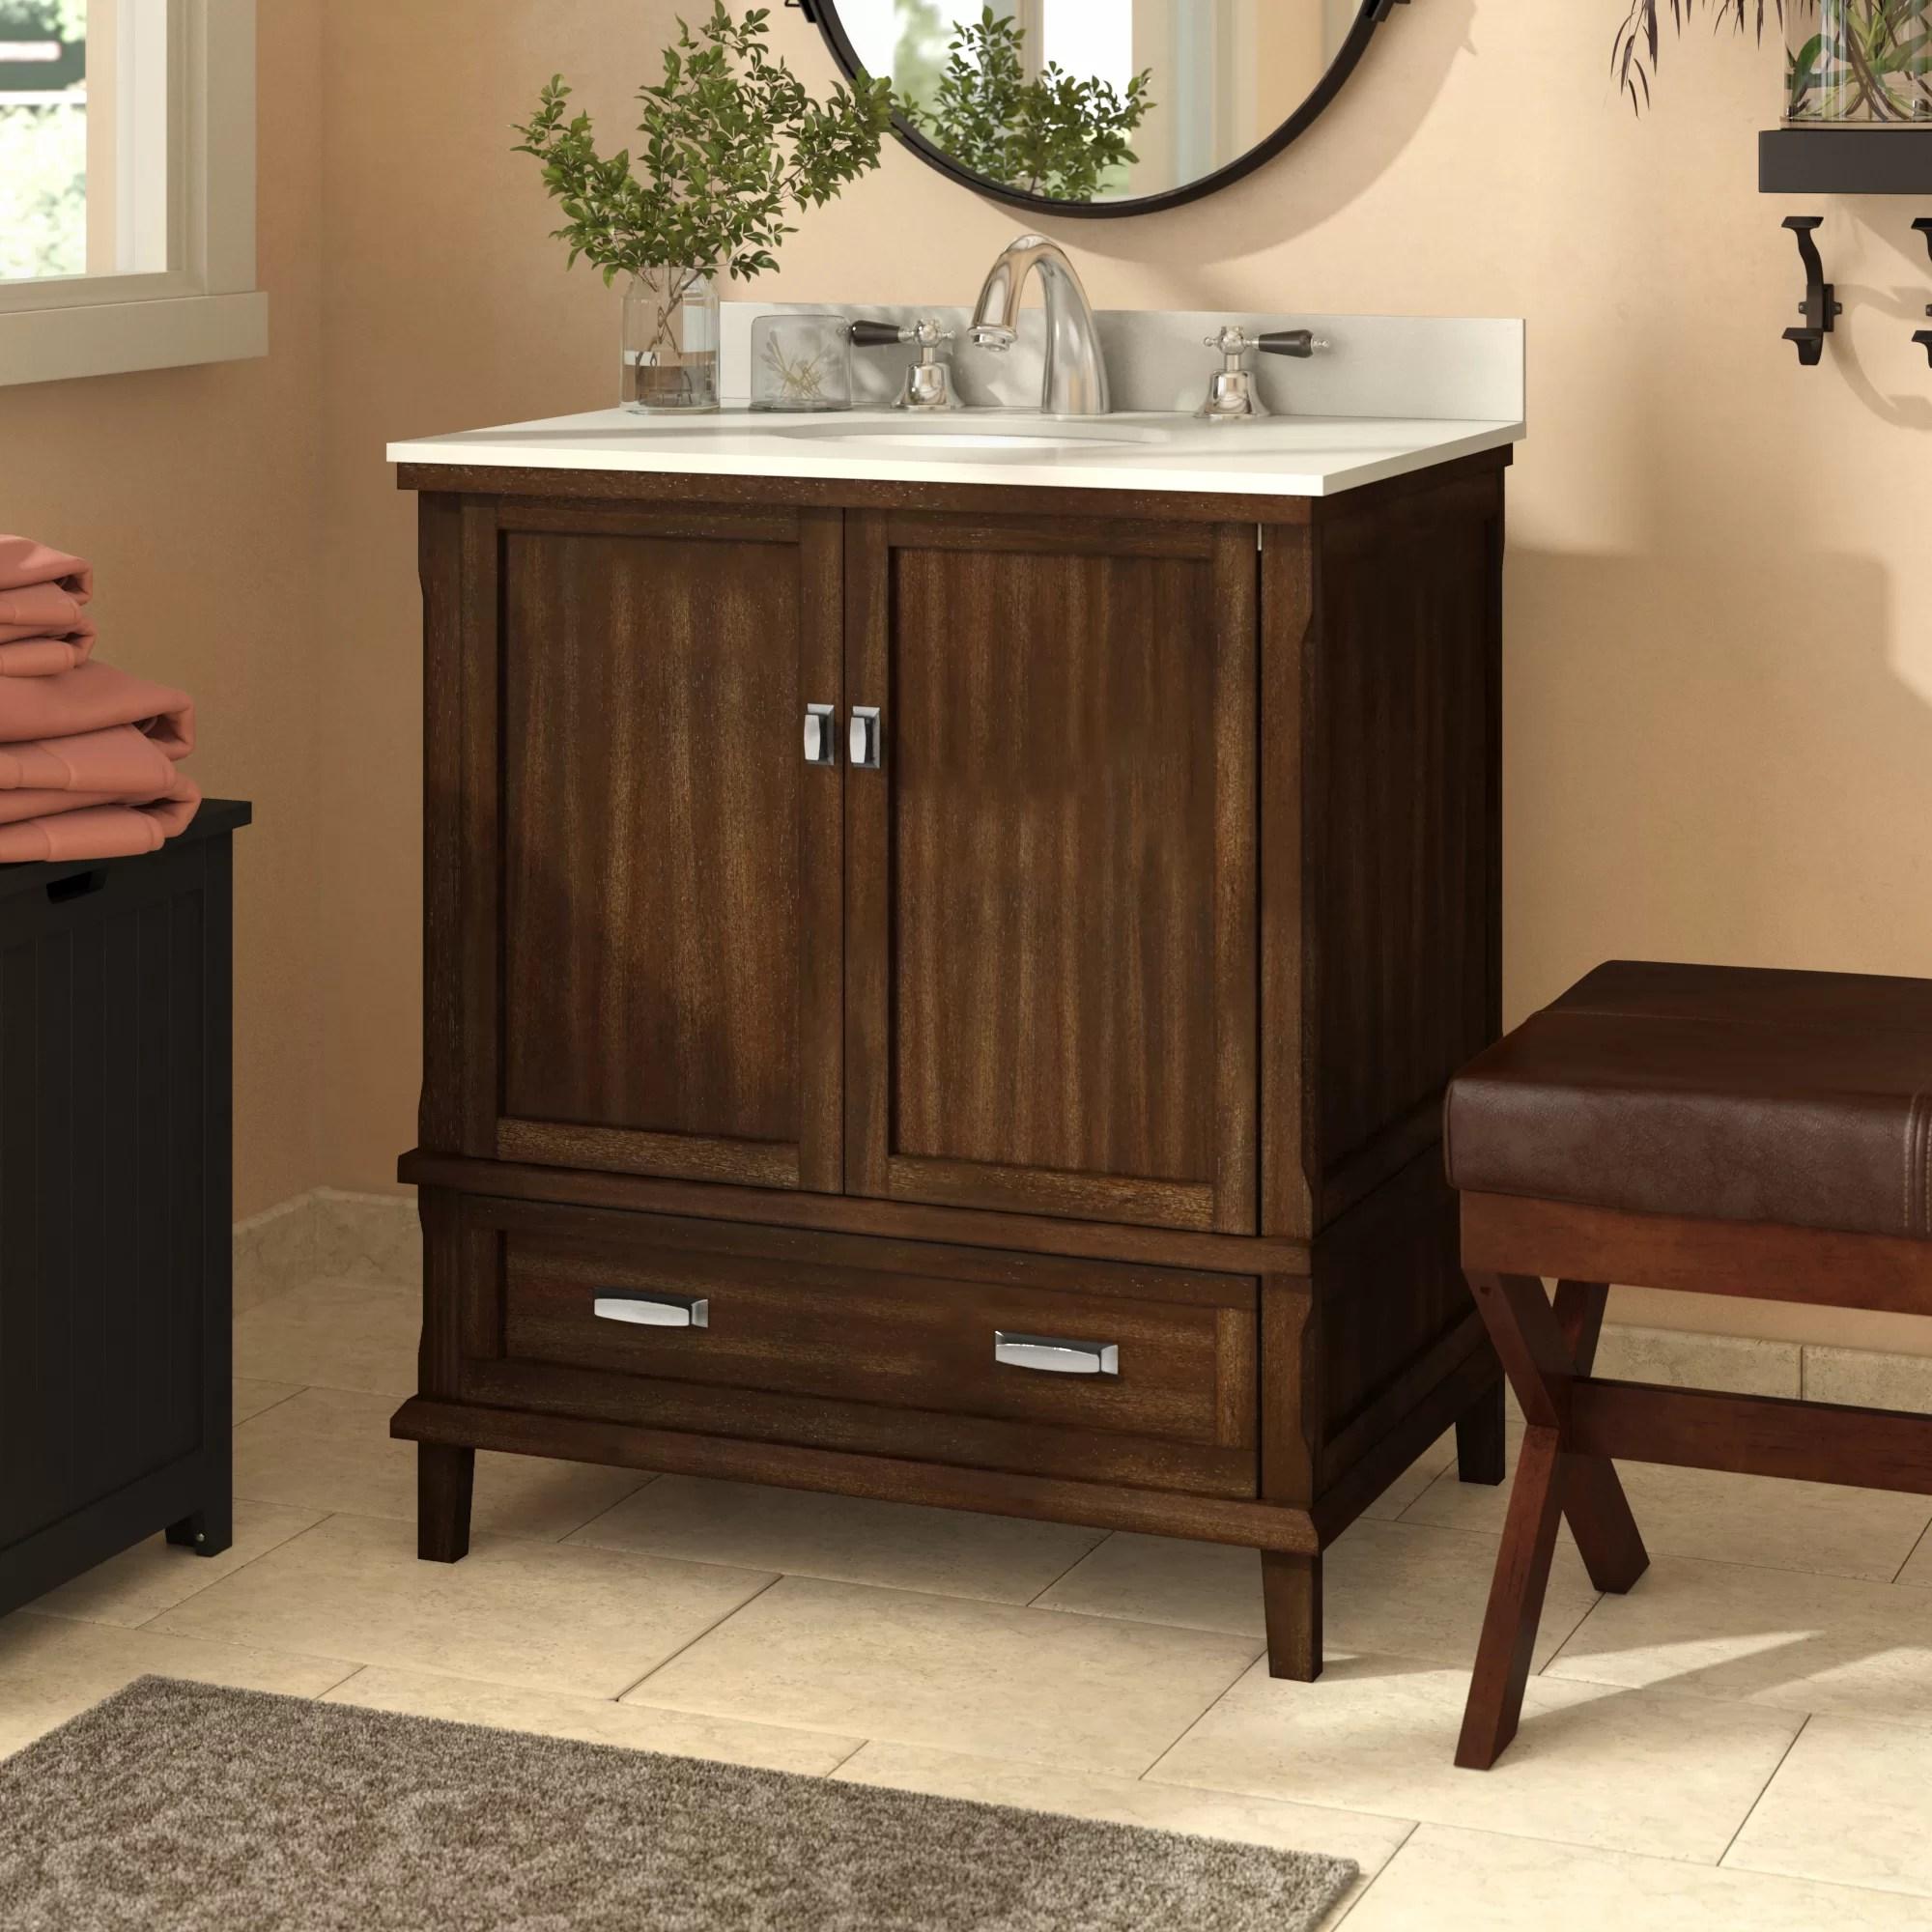 Red Barrel Studio Ka 30 Single Bathroom Vanity Set Reviews Wayfair